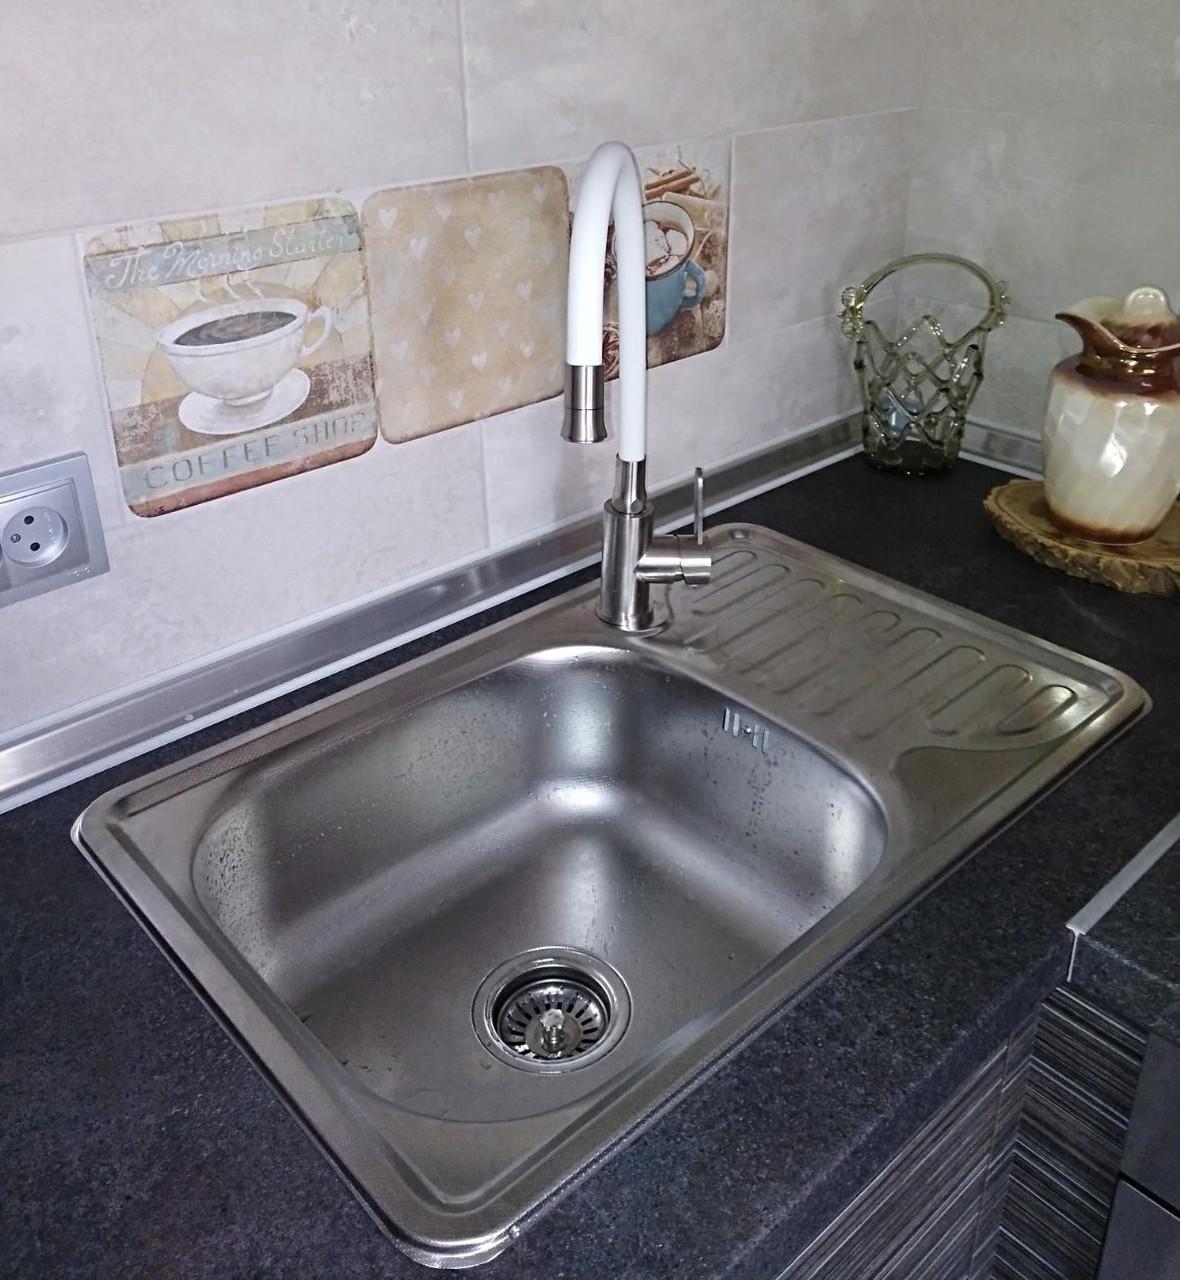 Мойка для кухни Platinum 6642 Decor 0,8мм декорированная